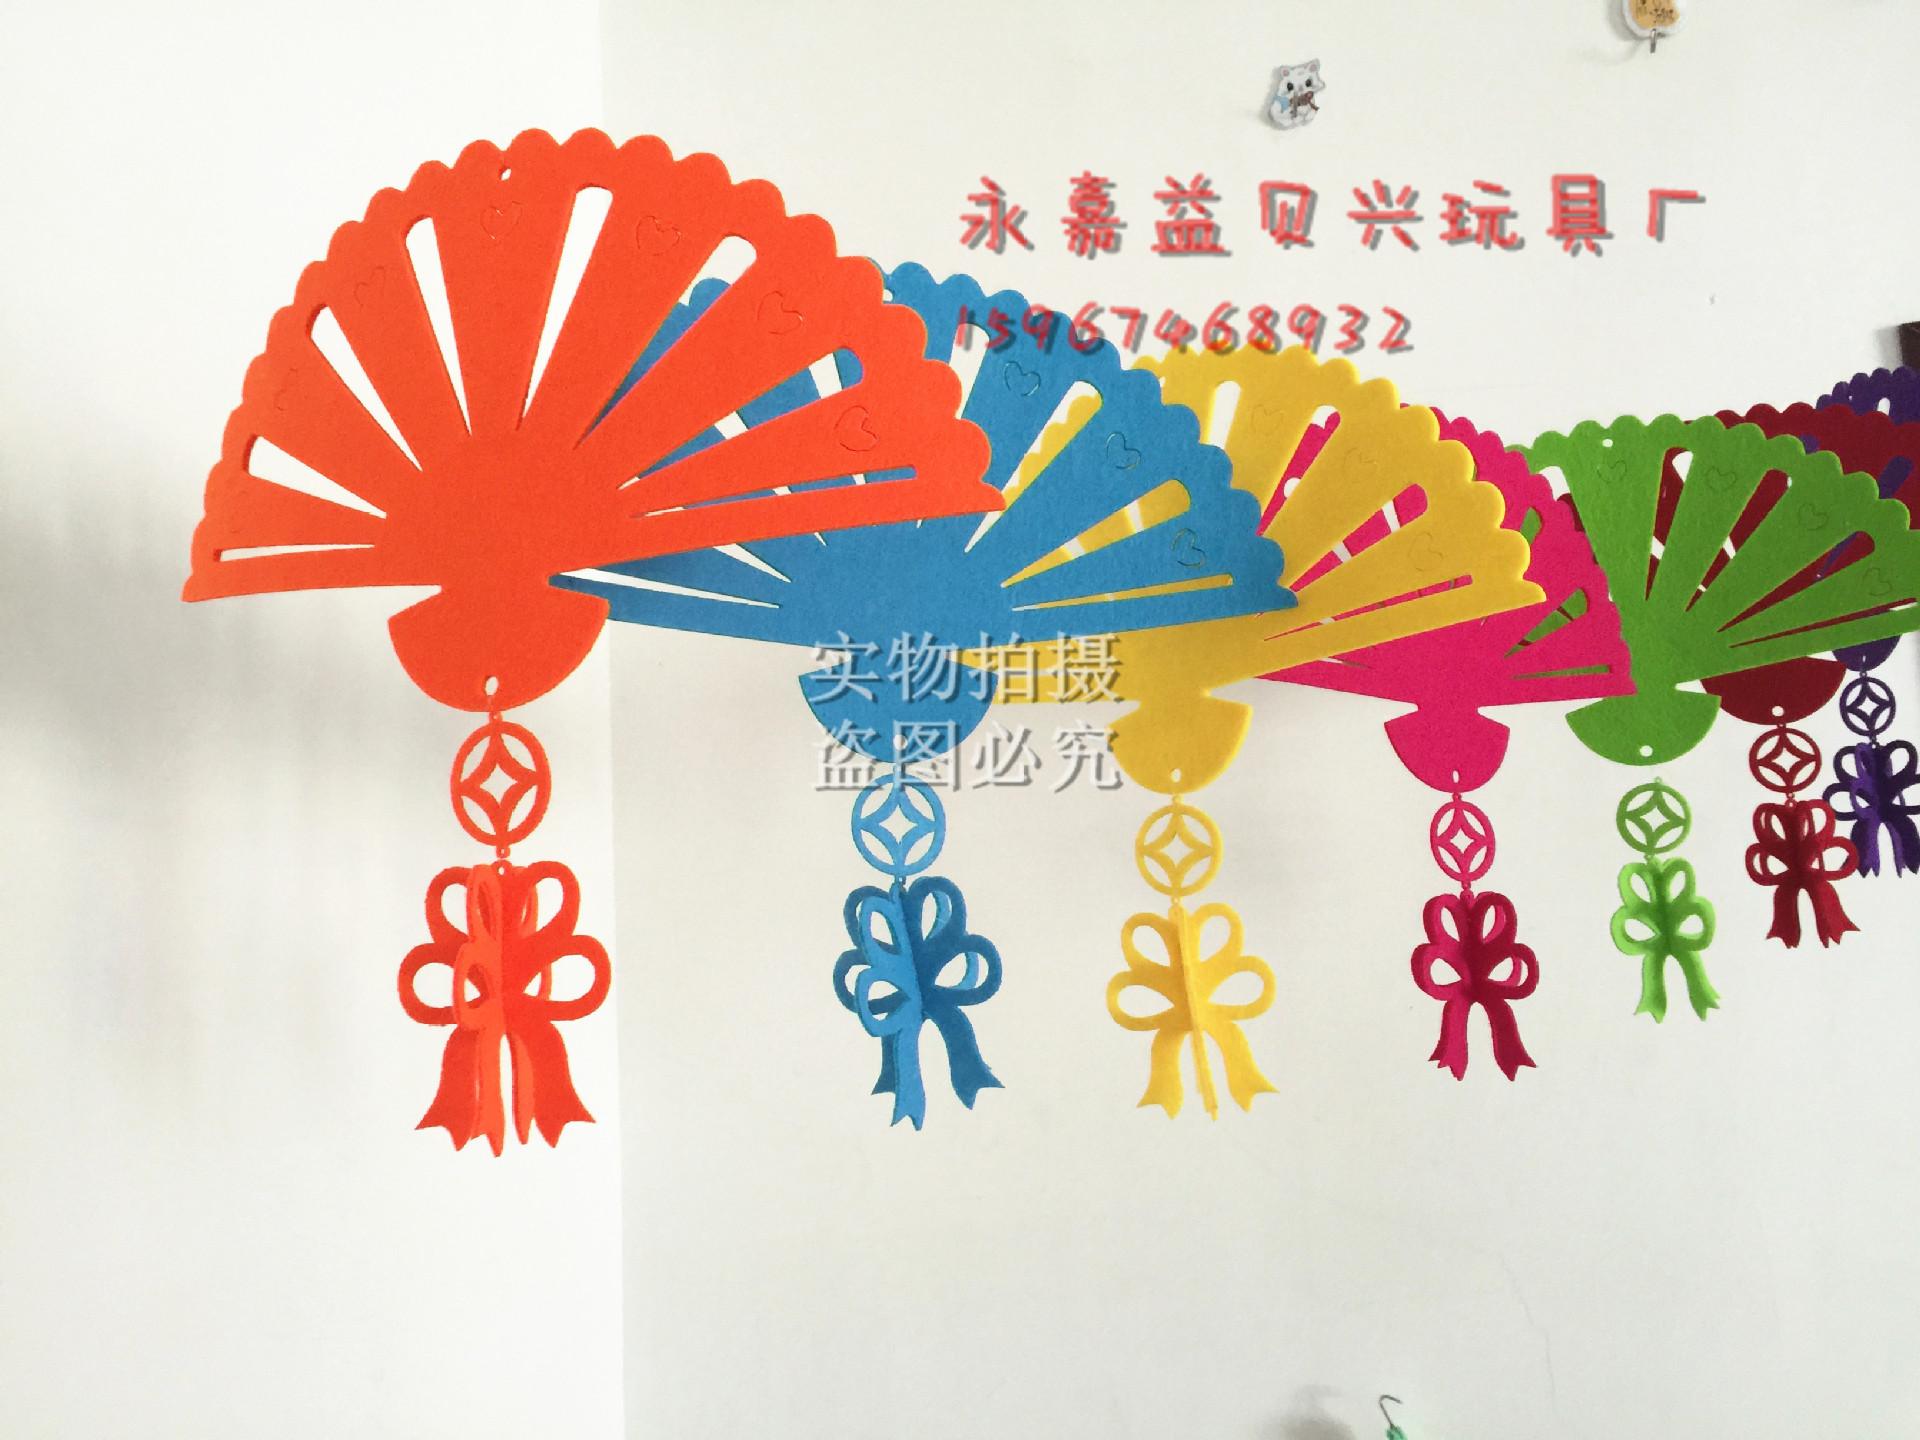 无纺布扇子吊饰幼儿园走廊创意空中挂饰室内布置 悬挂 中国风示例图7